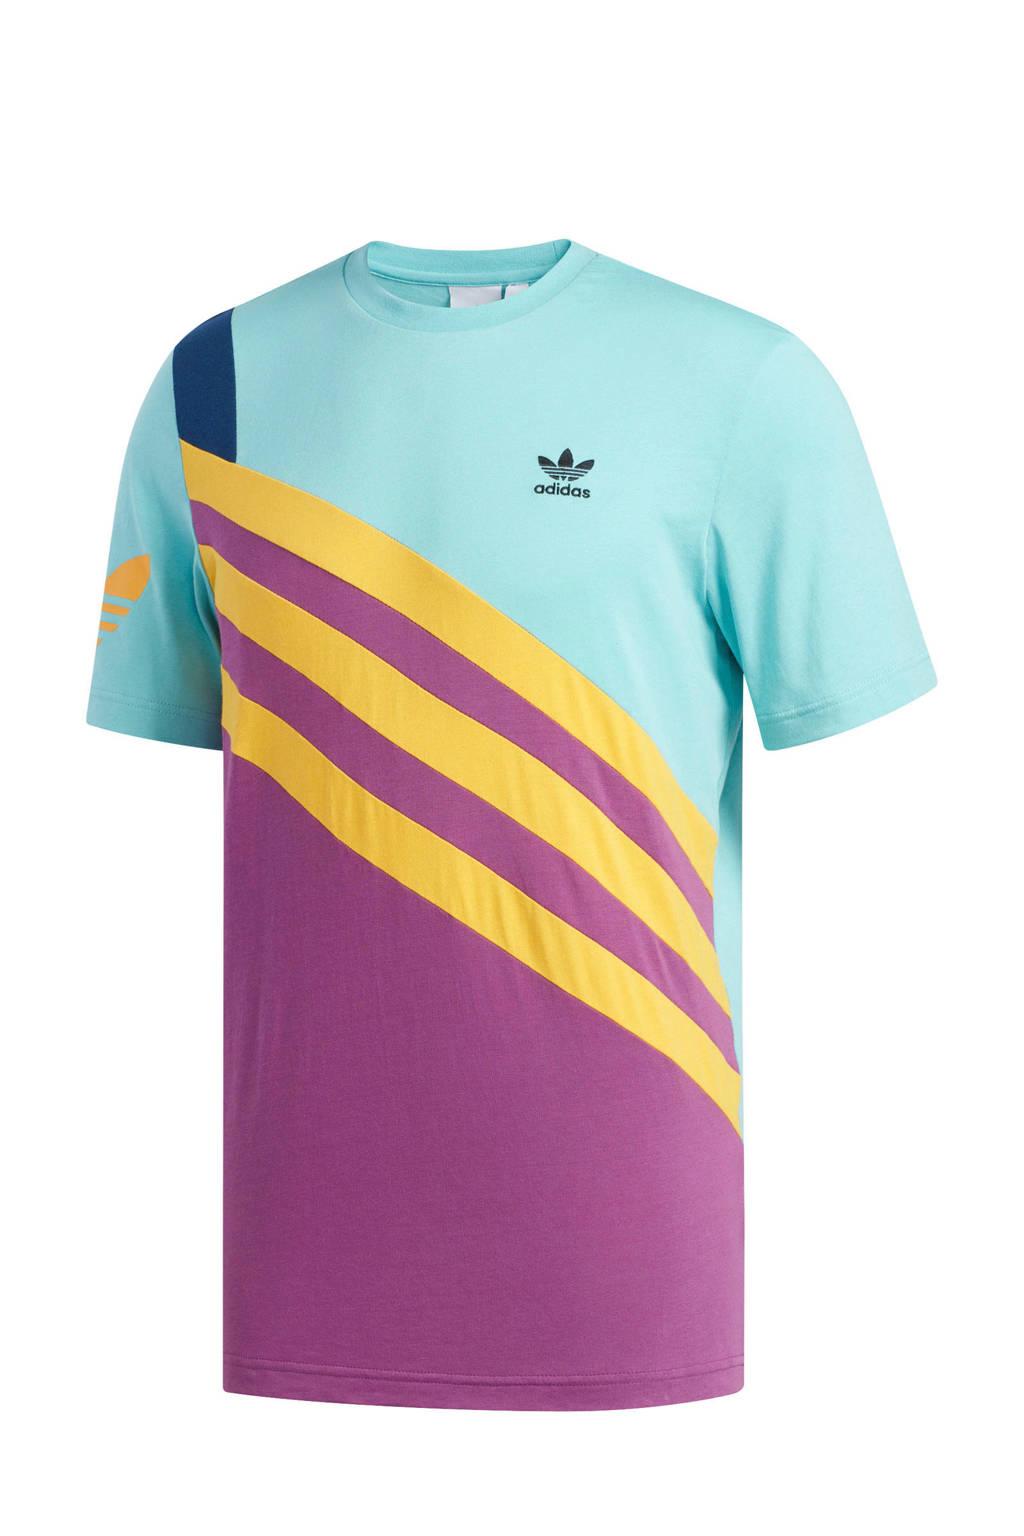 adidas originals   T-shirt blauw/geel/paars, Blauw/geel/paars